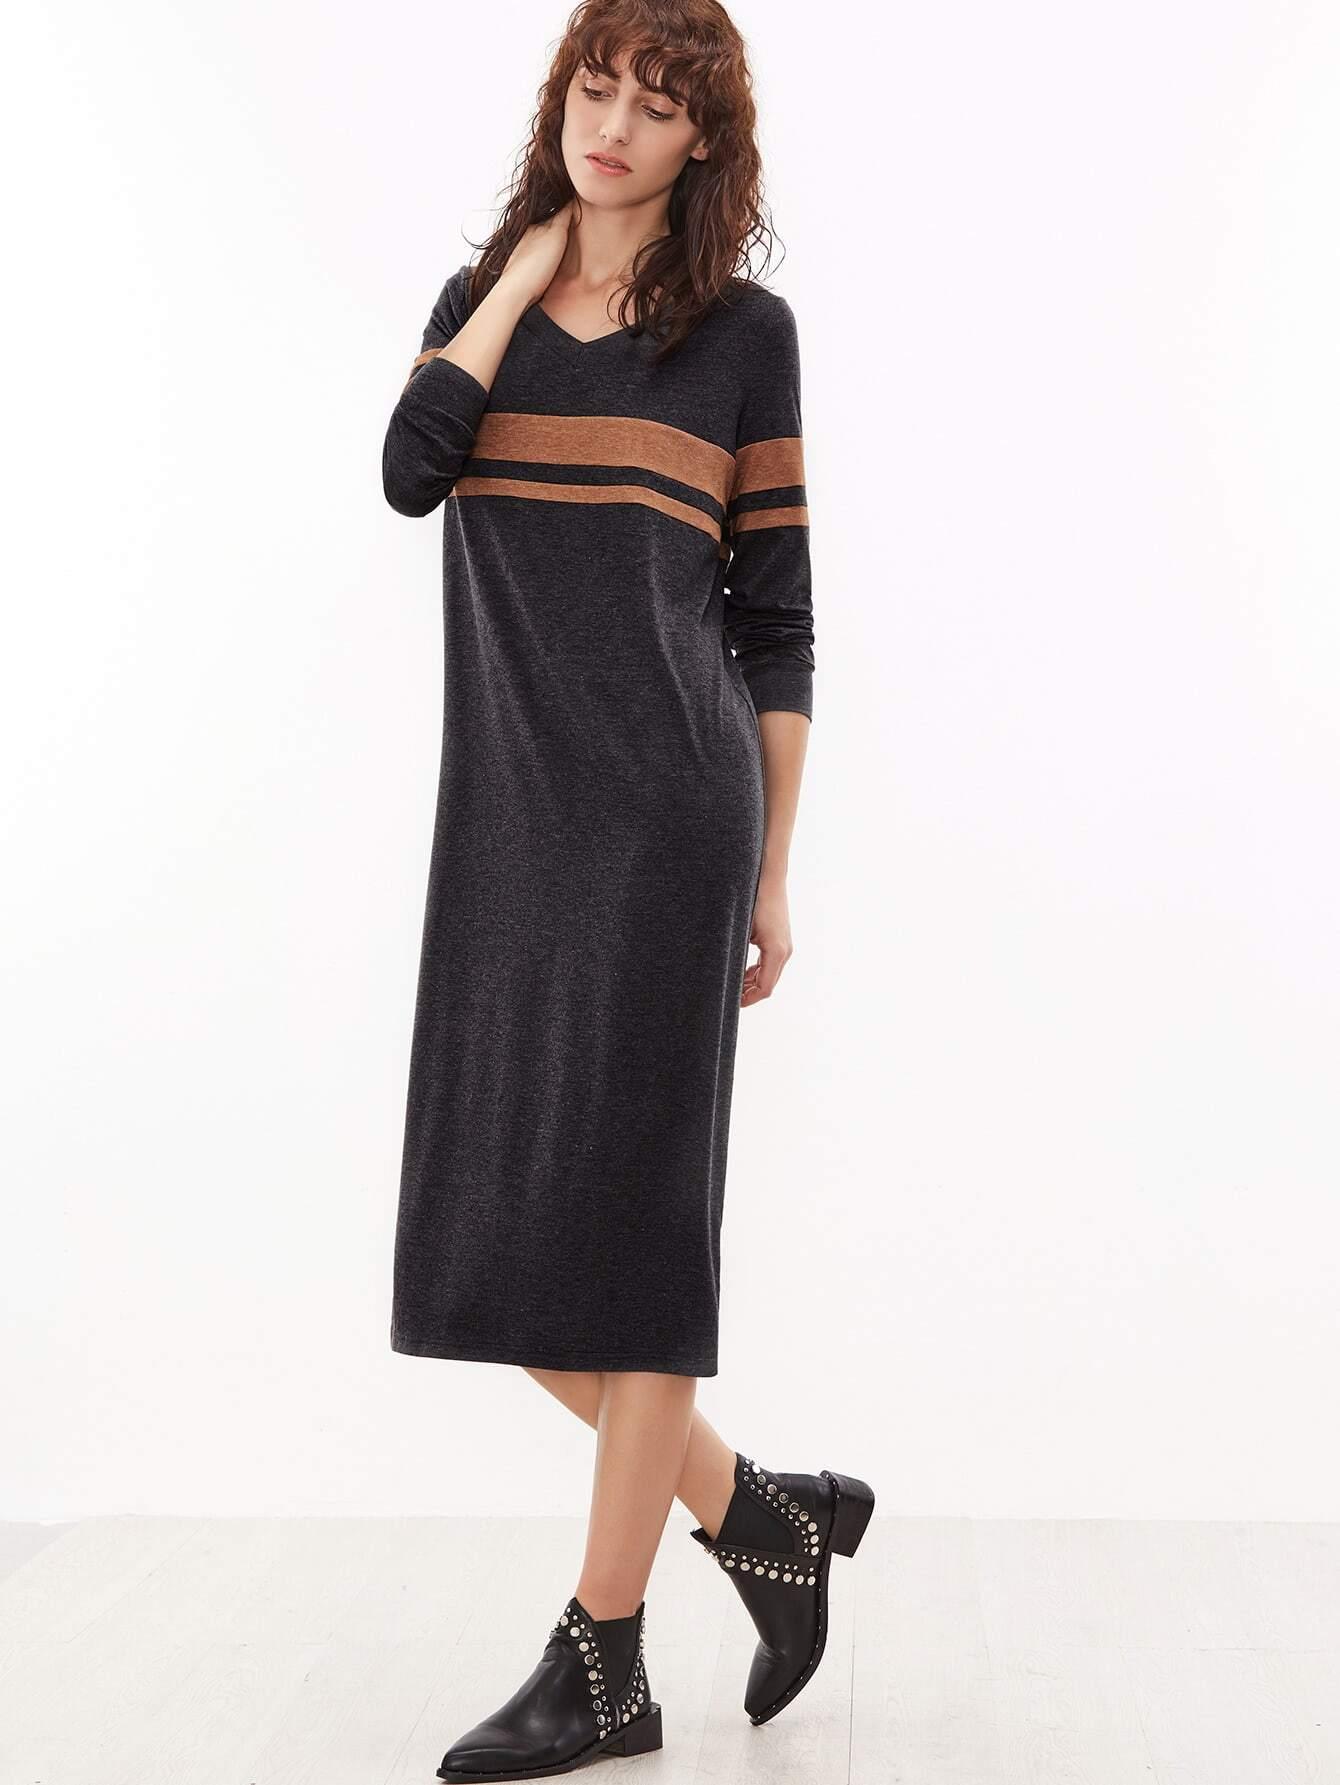 dress161130710_2